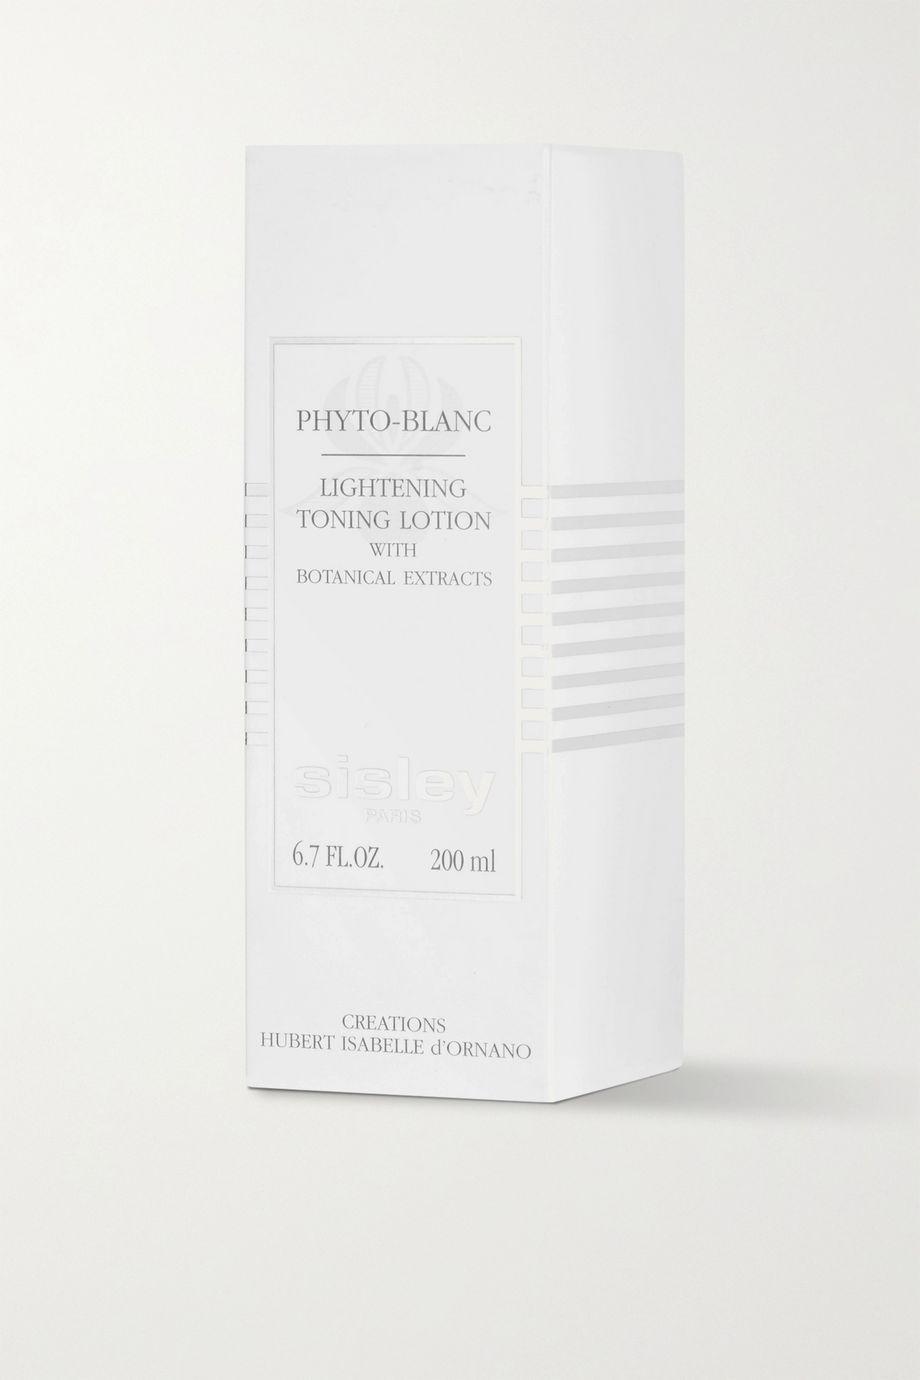 Sisley Phyto-Blanc Lightening Toning Lotion, 200 ml – Aufhellende Toning Lotion